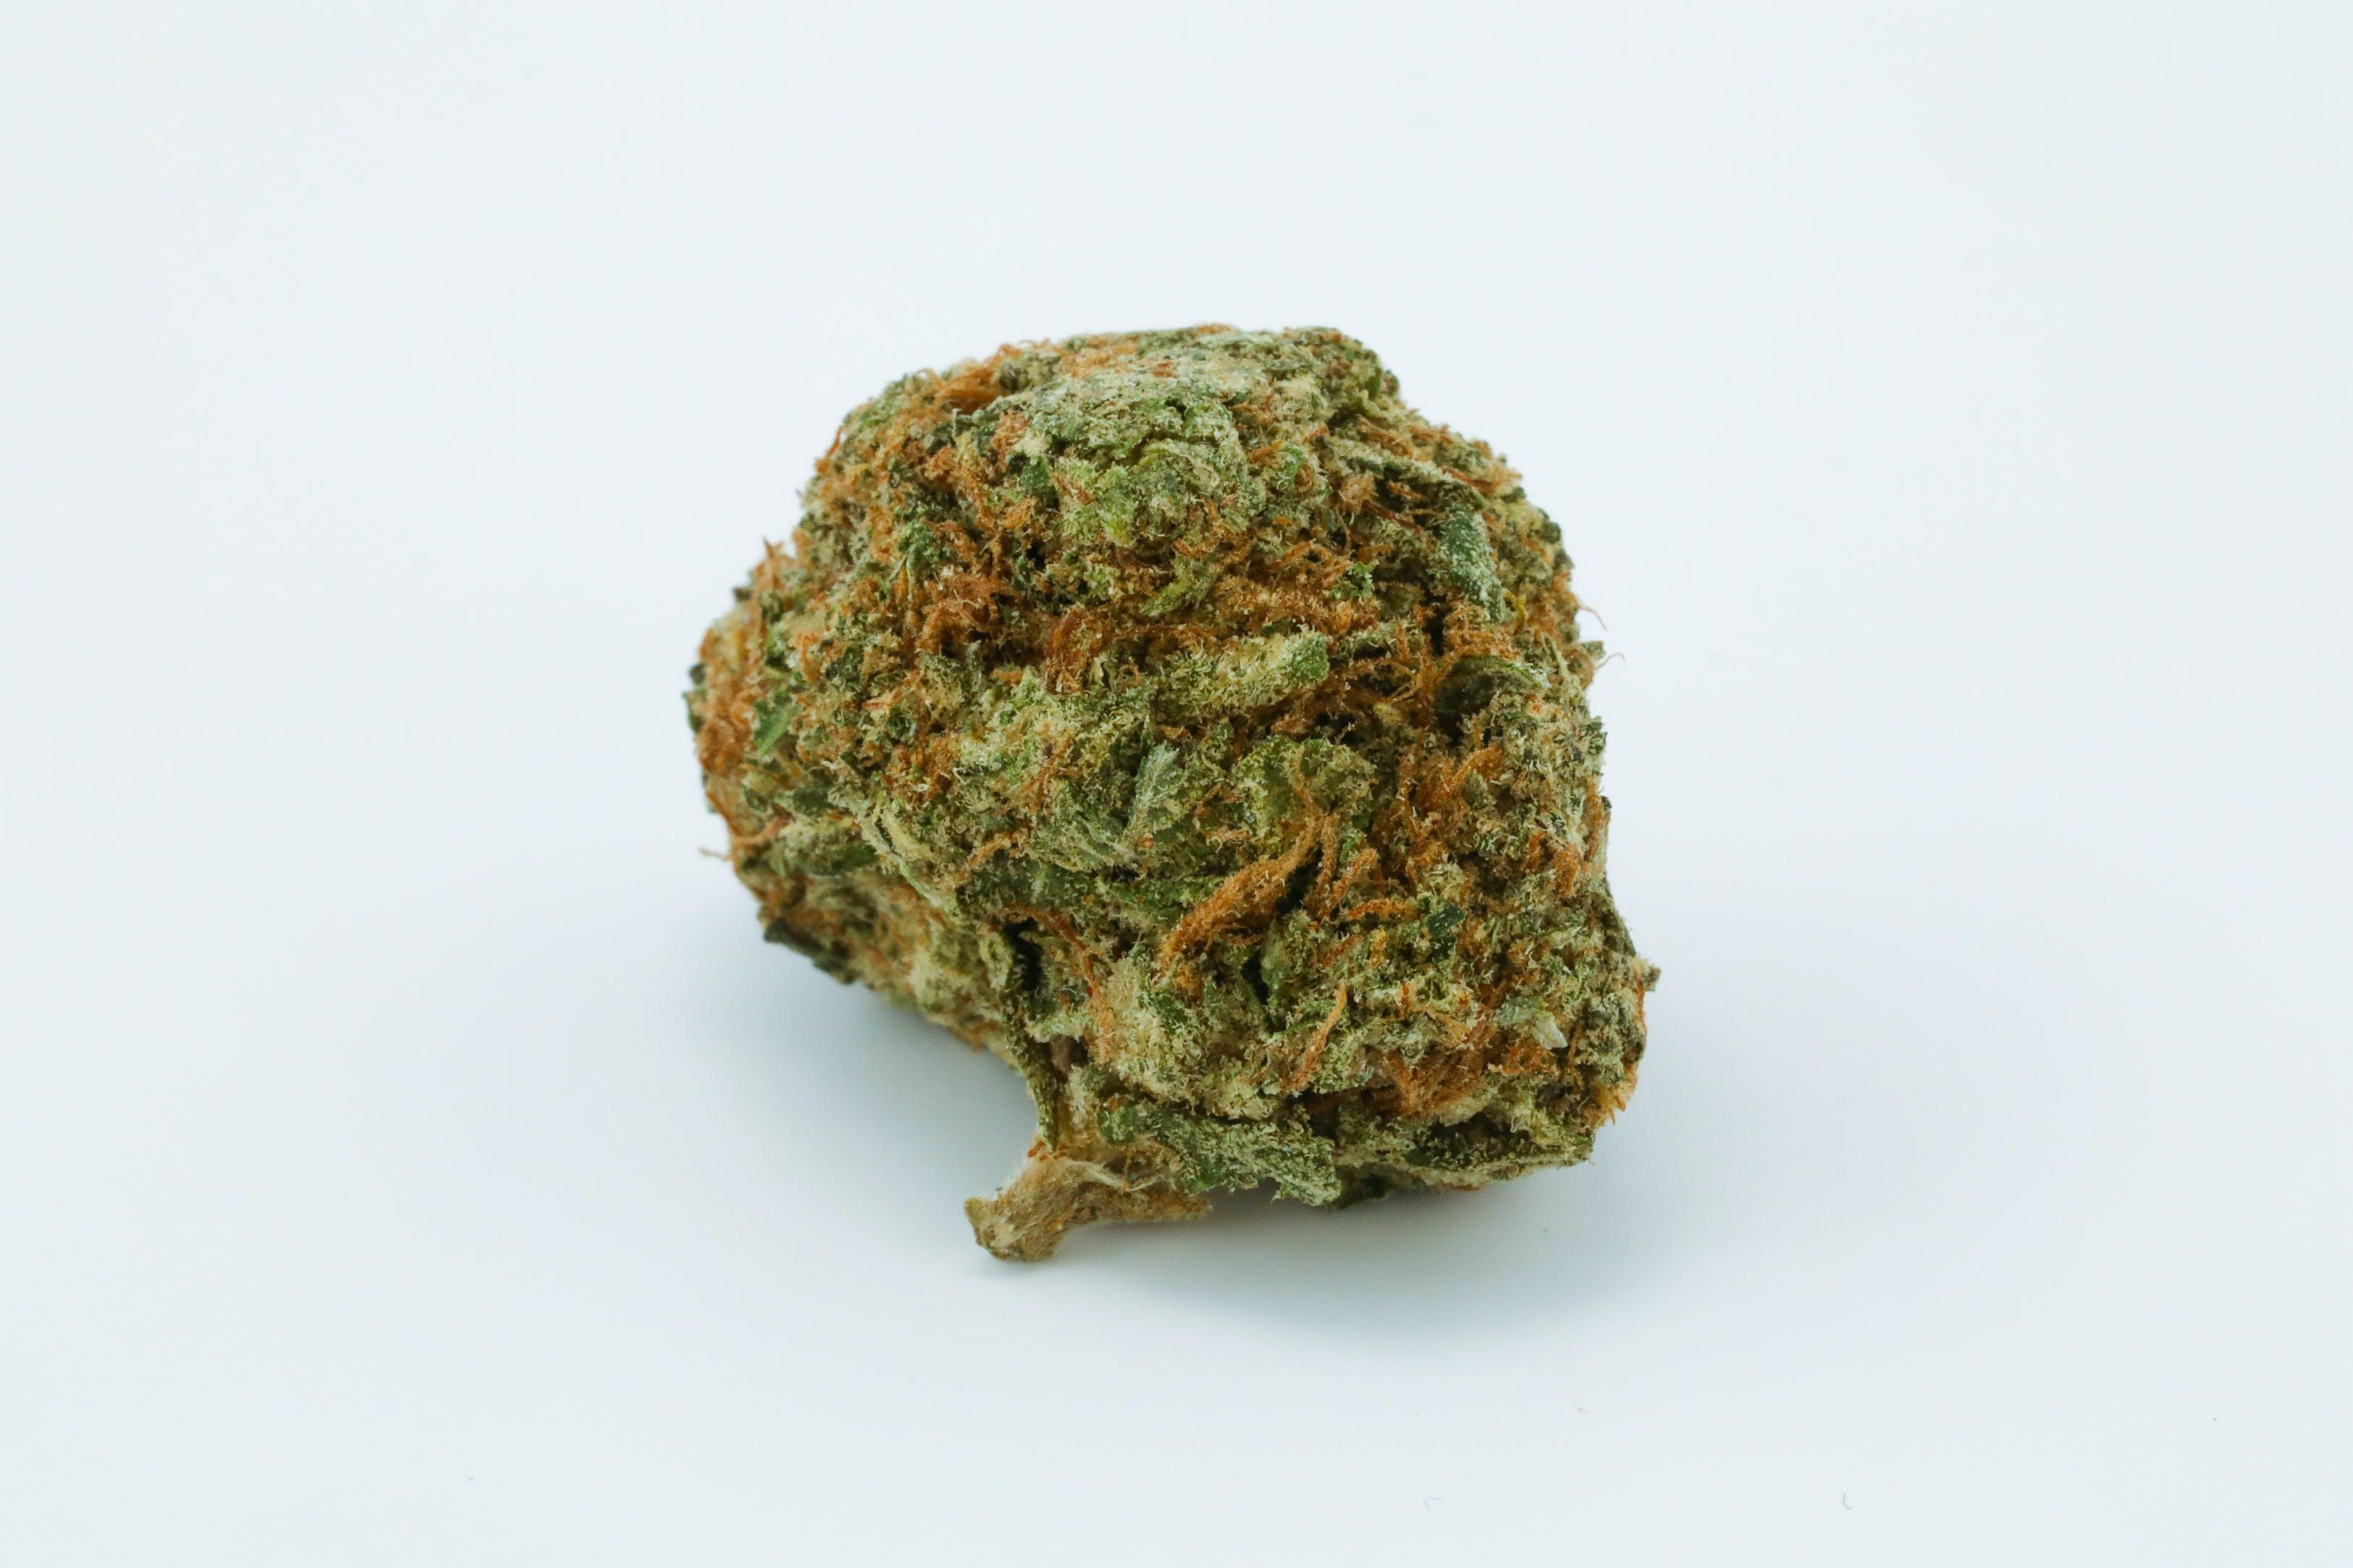 Diablo OG Weed; Diablo OG Cannabis Strain; Diablo OG Hybrid Marijuana Strain